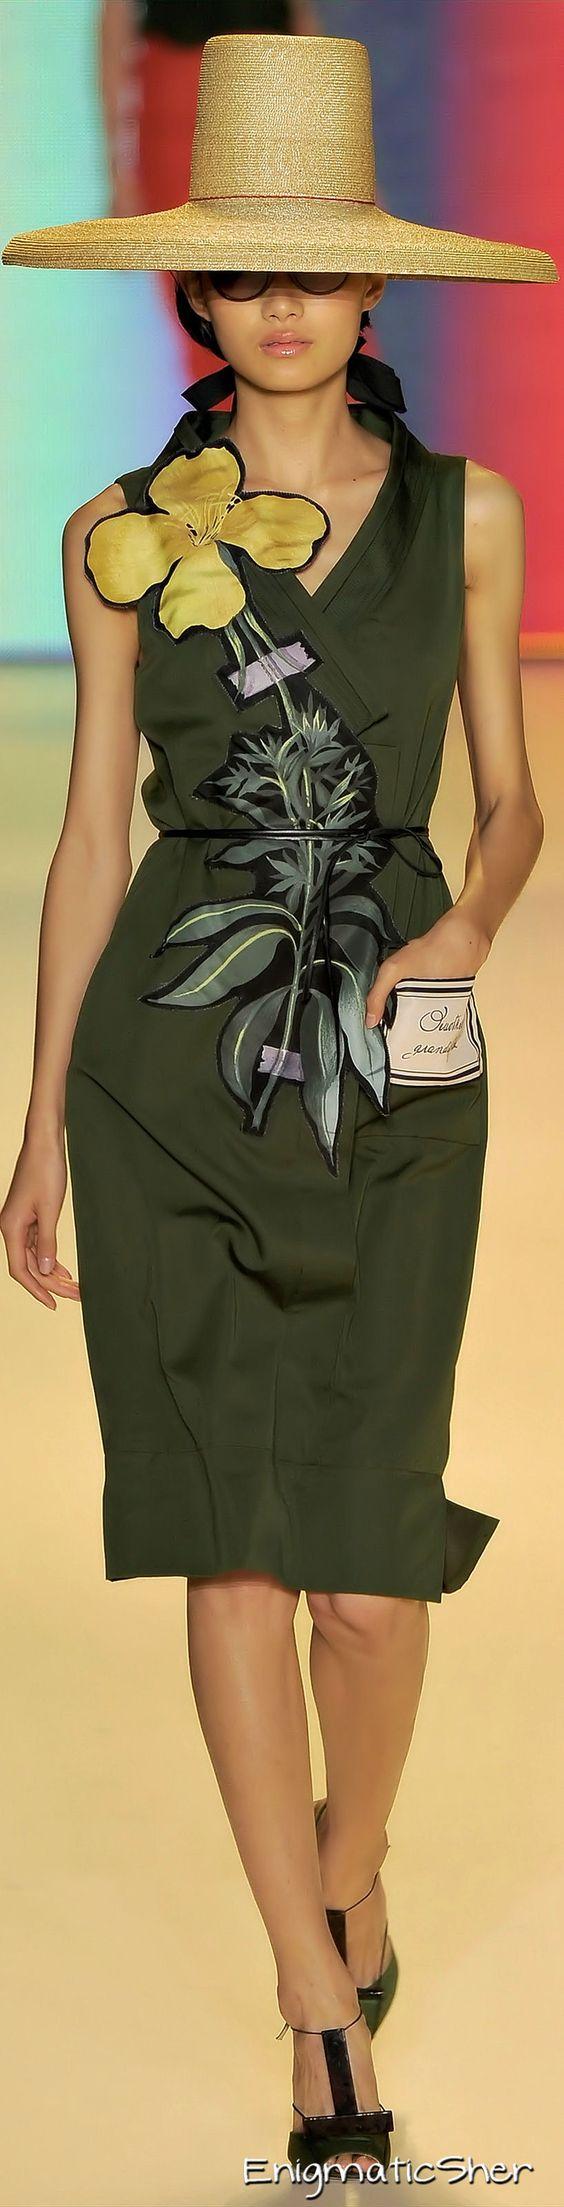 Farb-und Stilberatung mit www.farben-reich.com - OLIVE....❤: